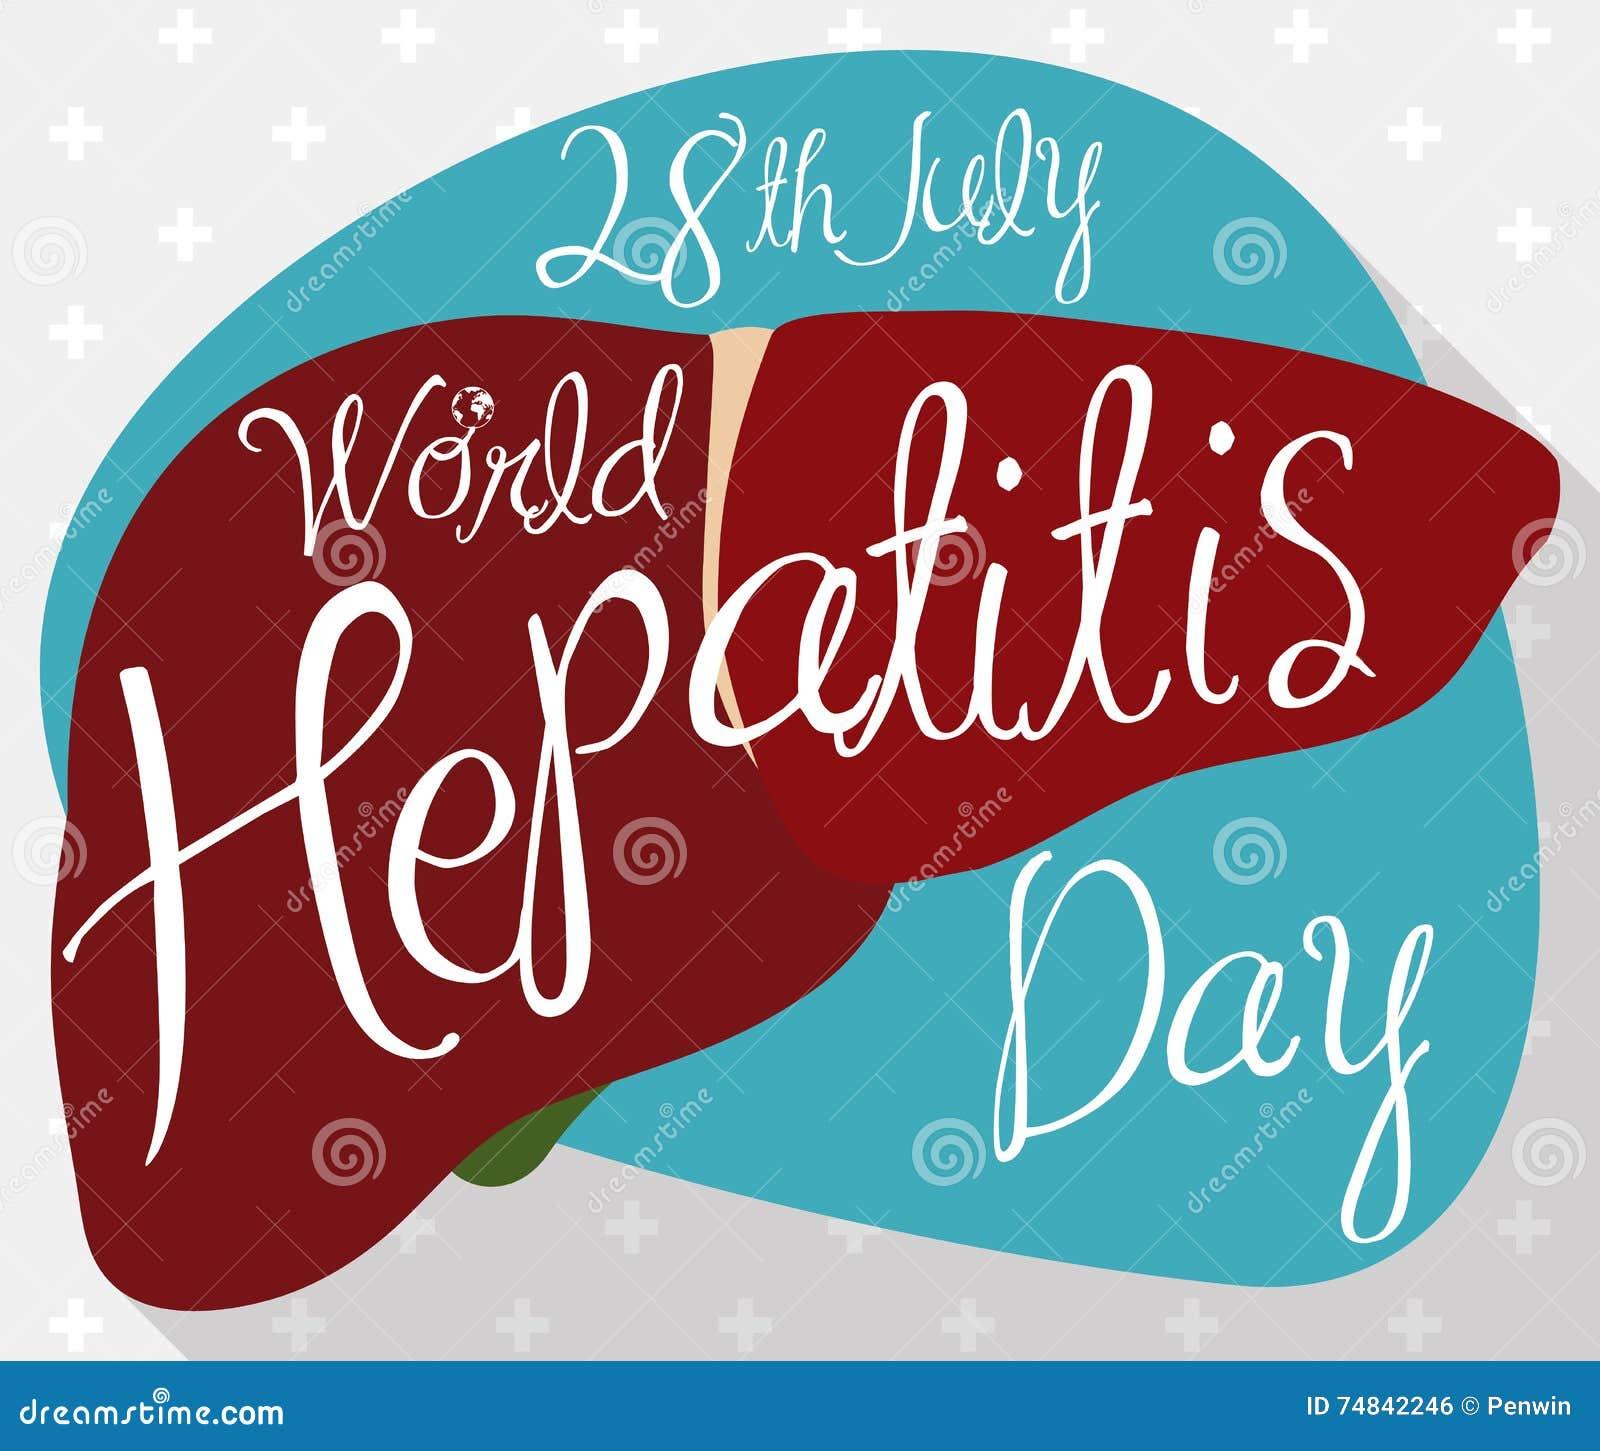 Cartaz com fígado saudável com lembrete do dia da hepatite do mundo, ilustração do vetor